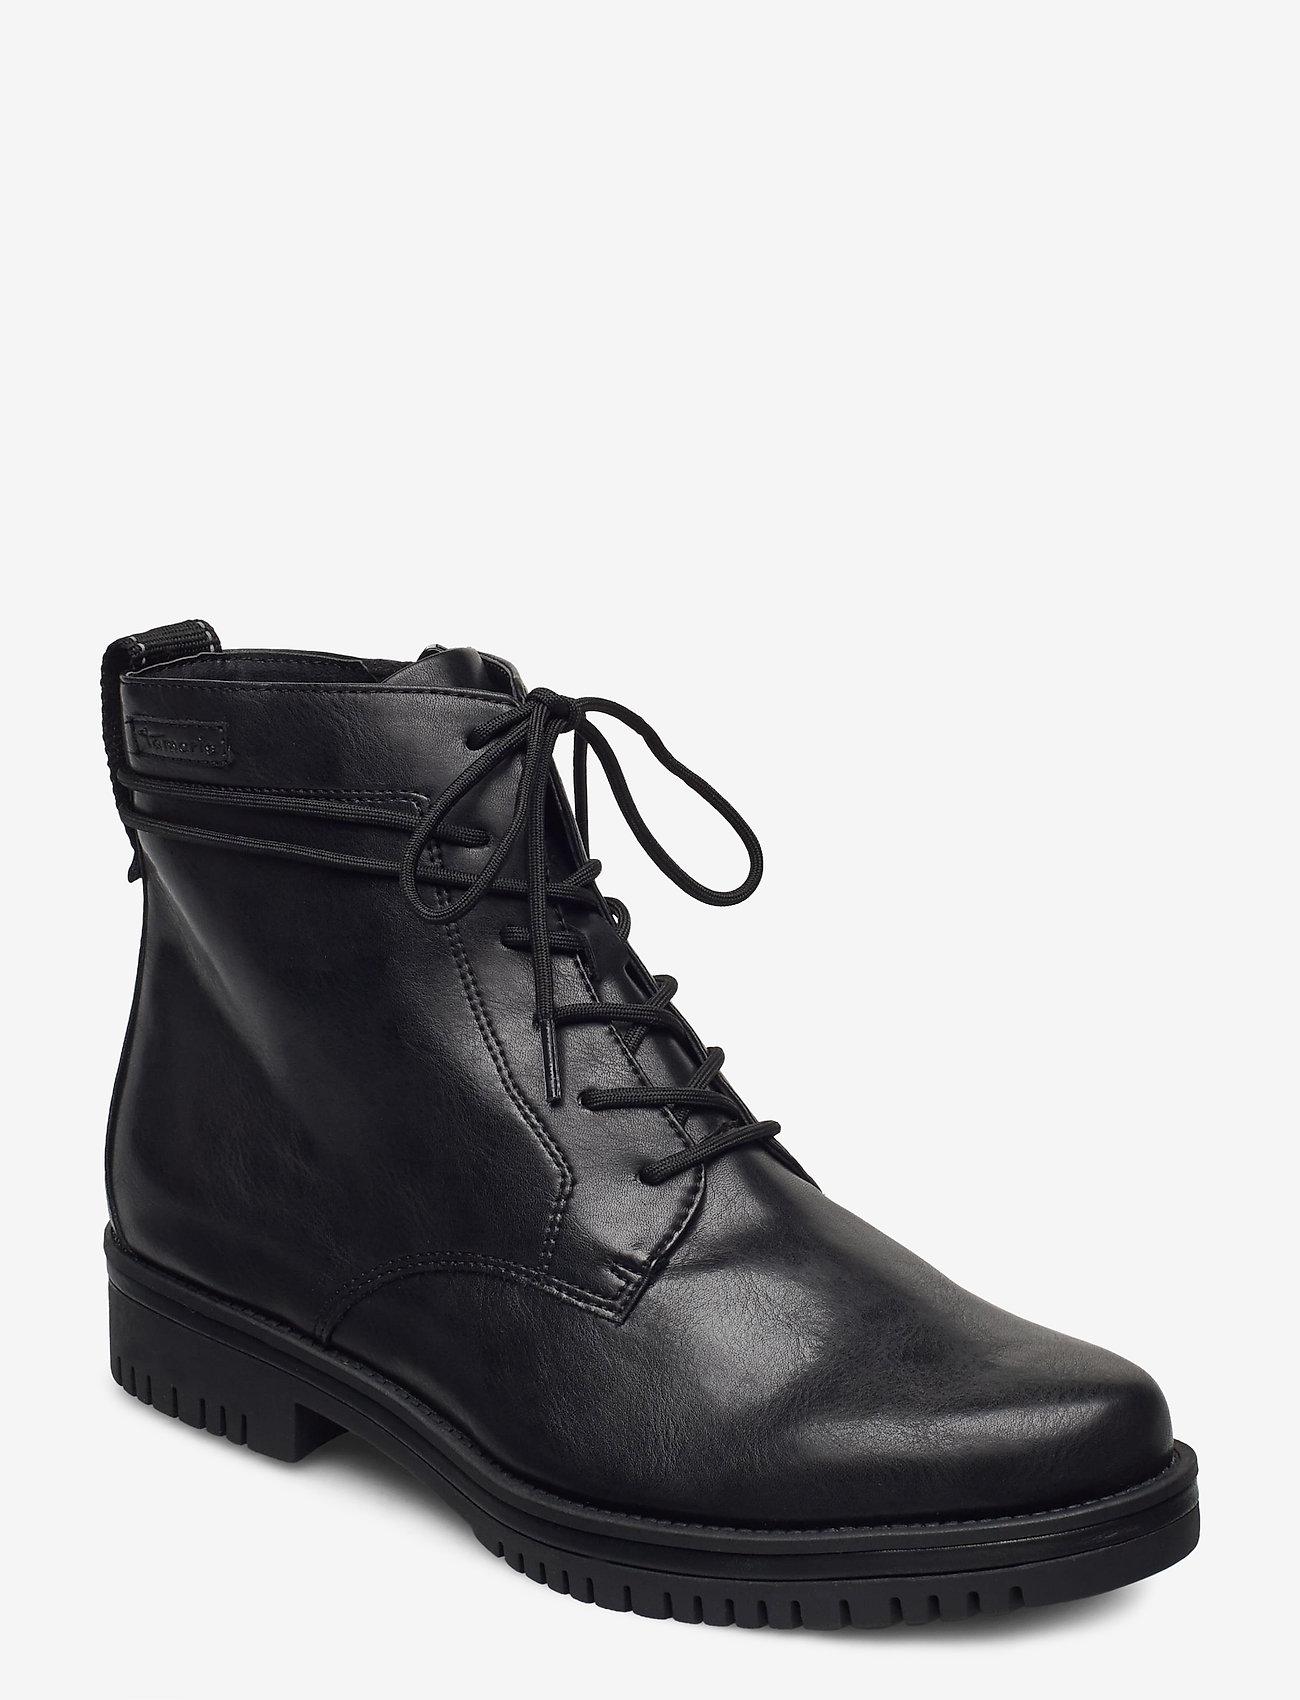 Tamaris - Woms Boots - platta ankelboots - black matt - 1